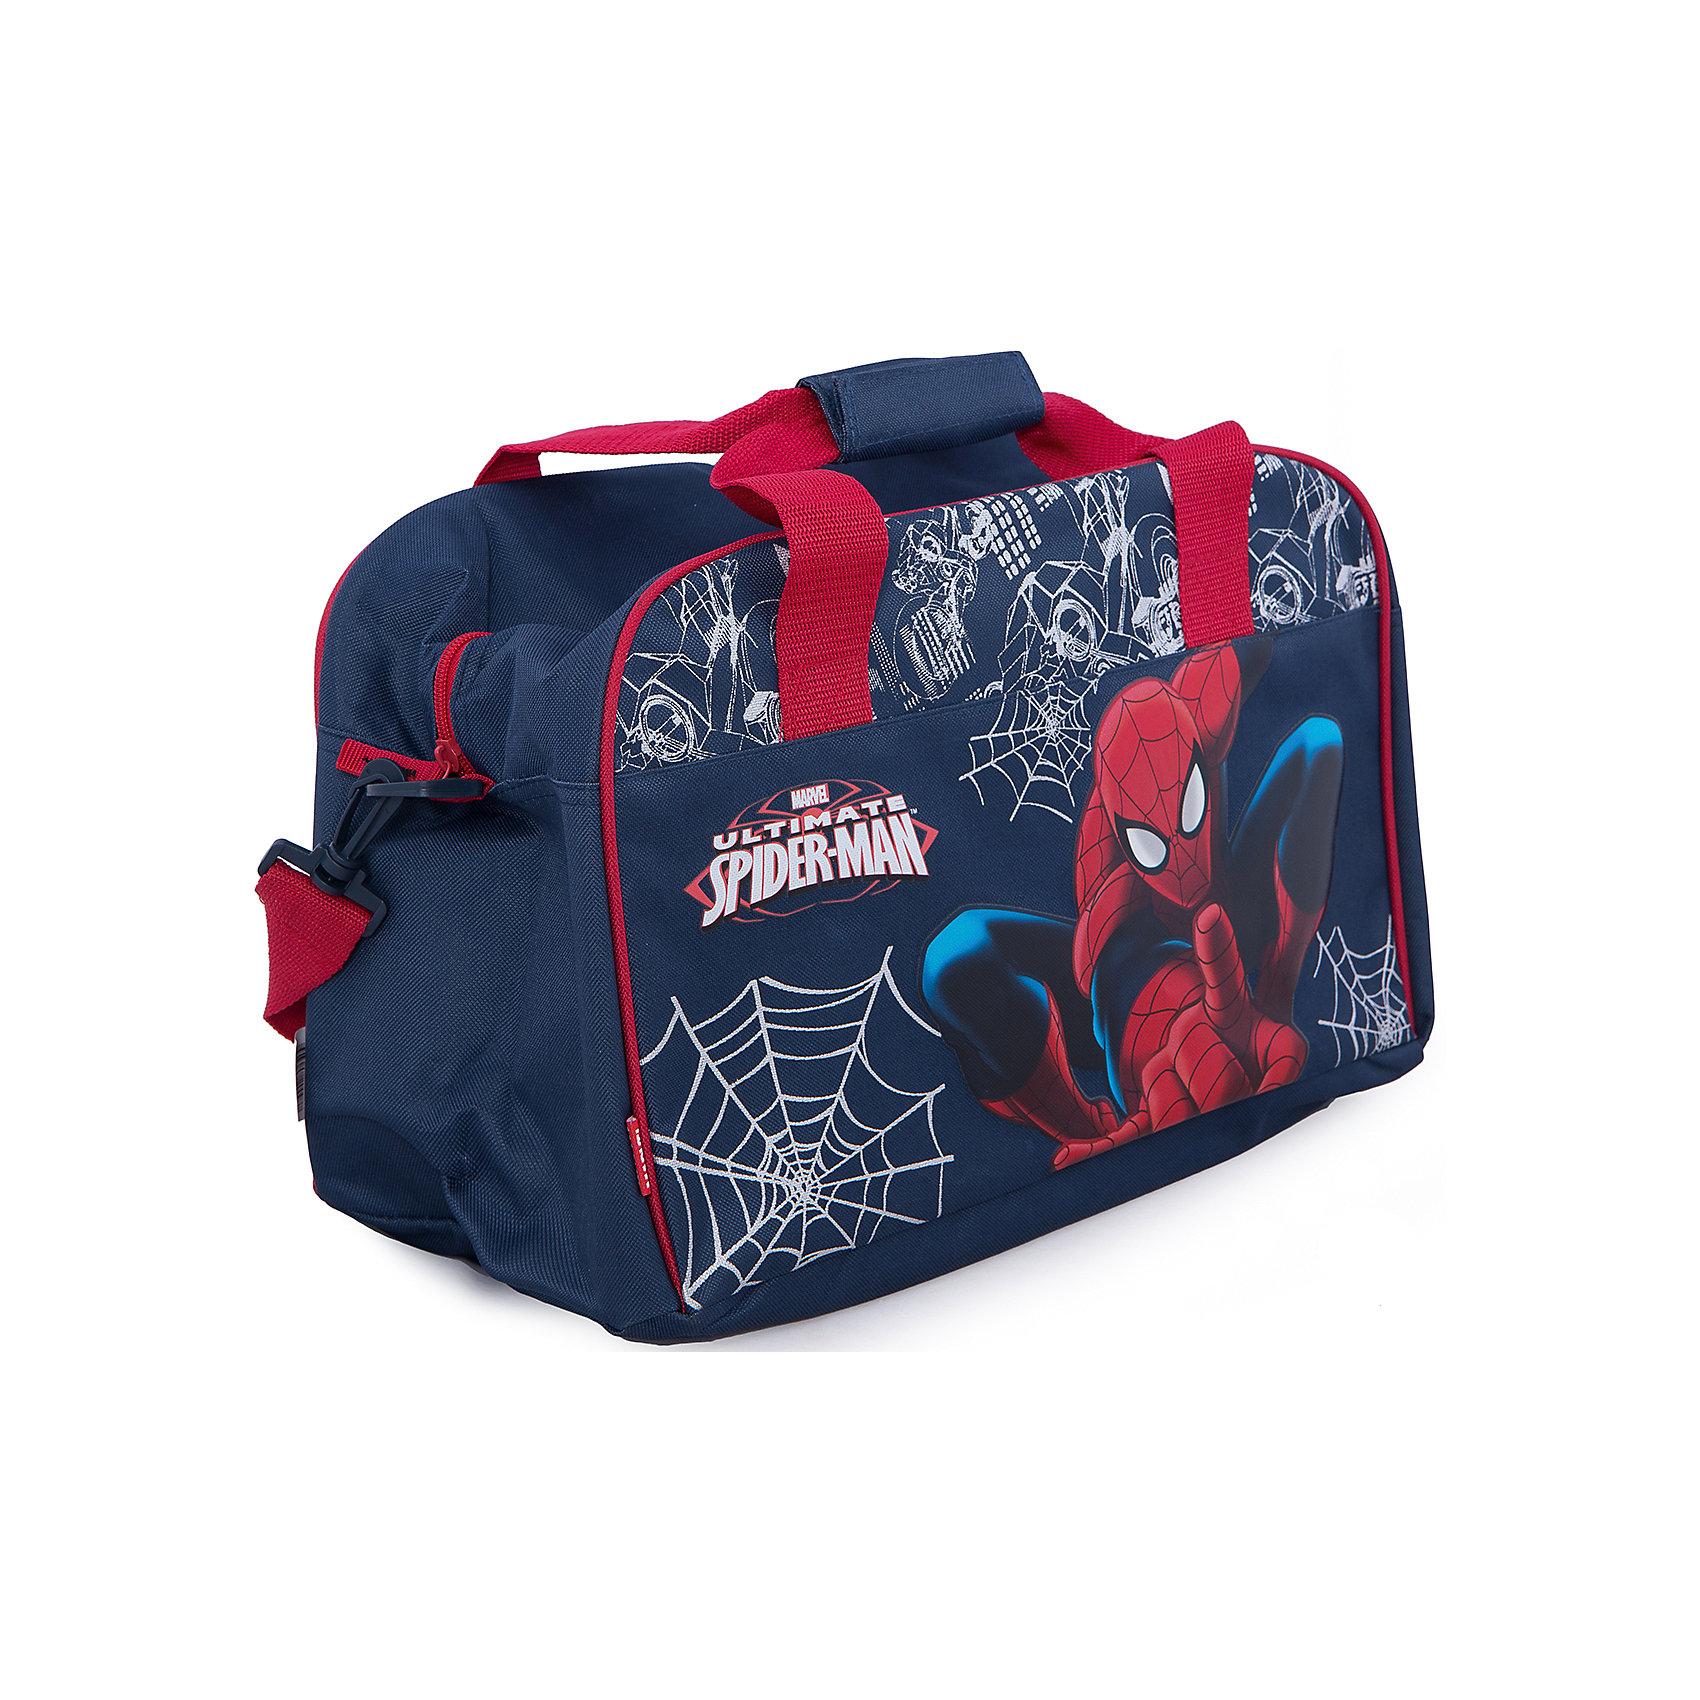 Сумка дорожная, Человек-ПаукСумка дорожная с изображением Человека-Паука сделает путешествие Вашего малыша захватывающим приключением!<br><br>Дополнительная информация:<br><br>Вес: 560 г.<br>Размер: 26х22х4 см.<br>Spider-man<br><br>Наслаждайтесь отдыхом!<br><br>Ширина мм: 260<br>Глубина мм: 40<br>Высота мм: 220<br>Вес г: 561<br>Возраст от месяцев: 48<br>Возраст до месяцев: 84<br>Пол: Мужской<br>Возраст: Детский<br>SKU: 3291643